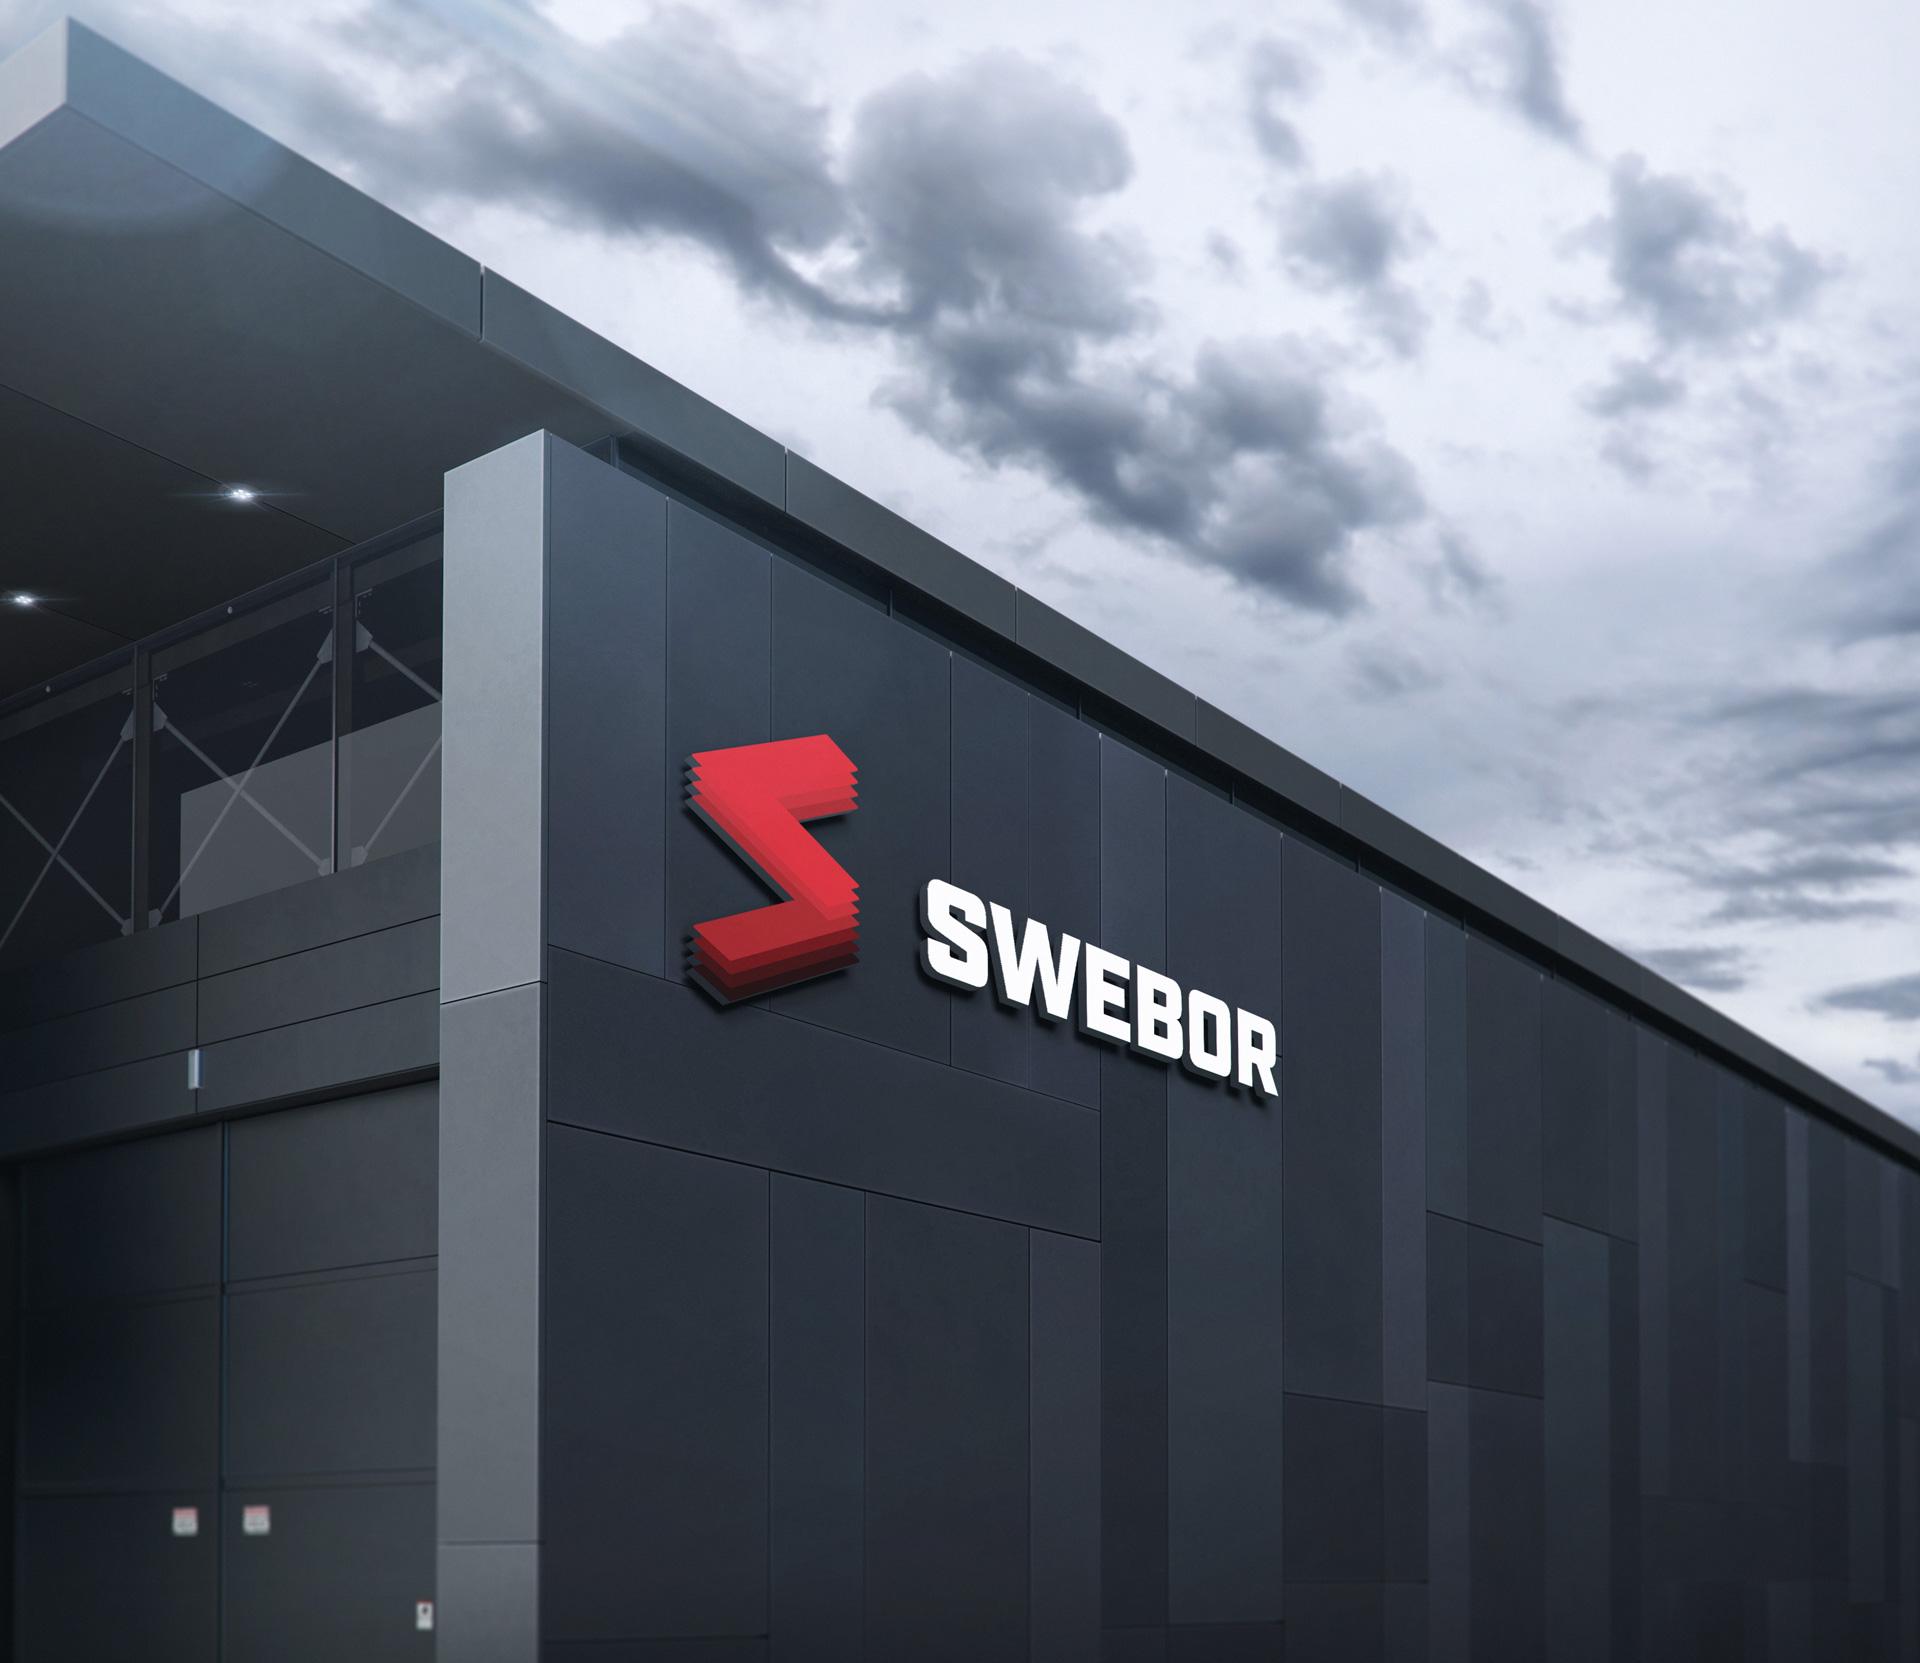 signage-swebor.jpg